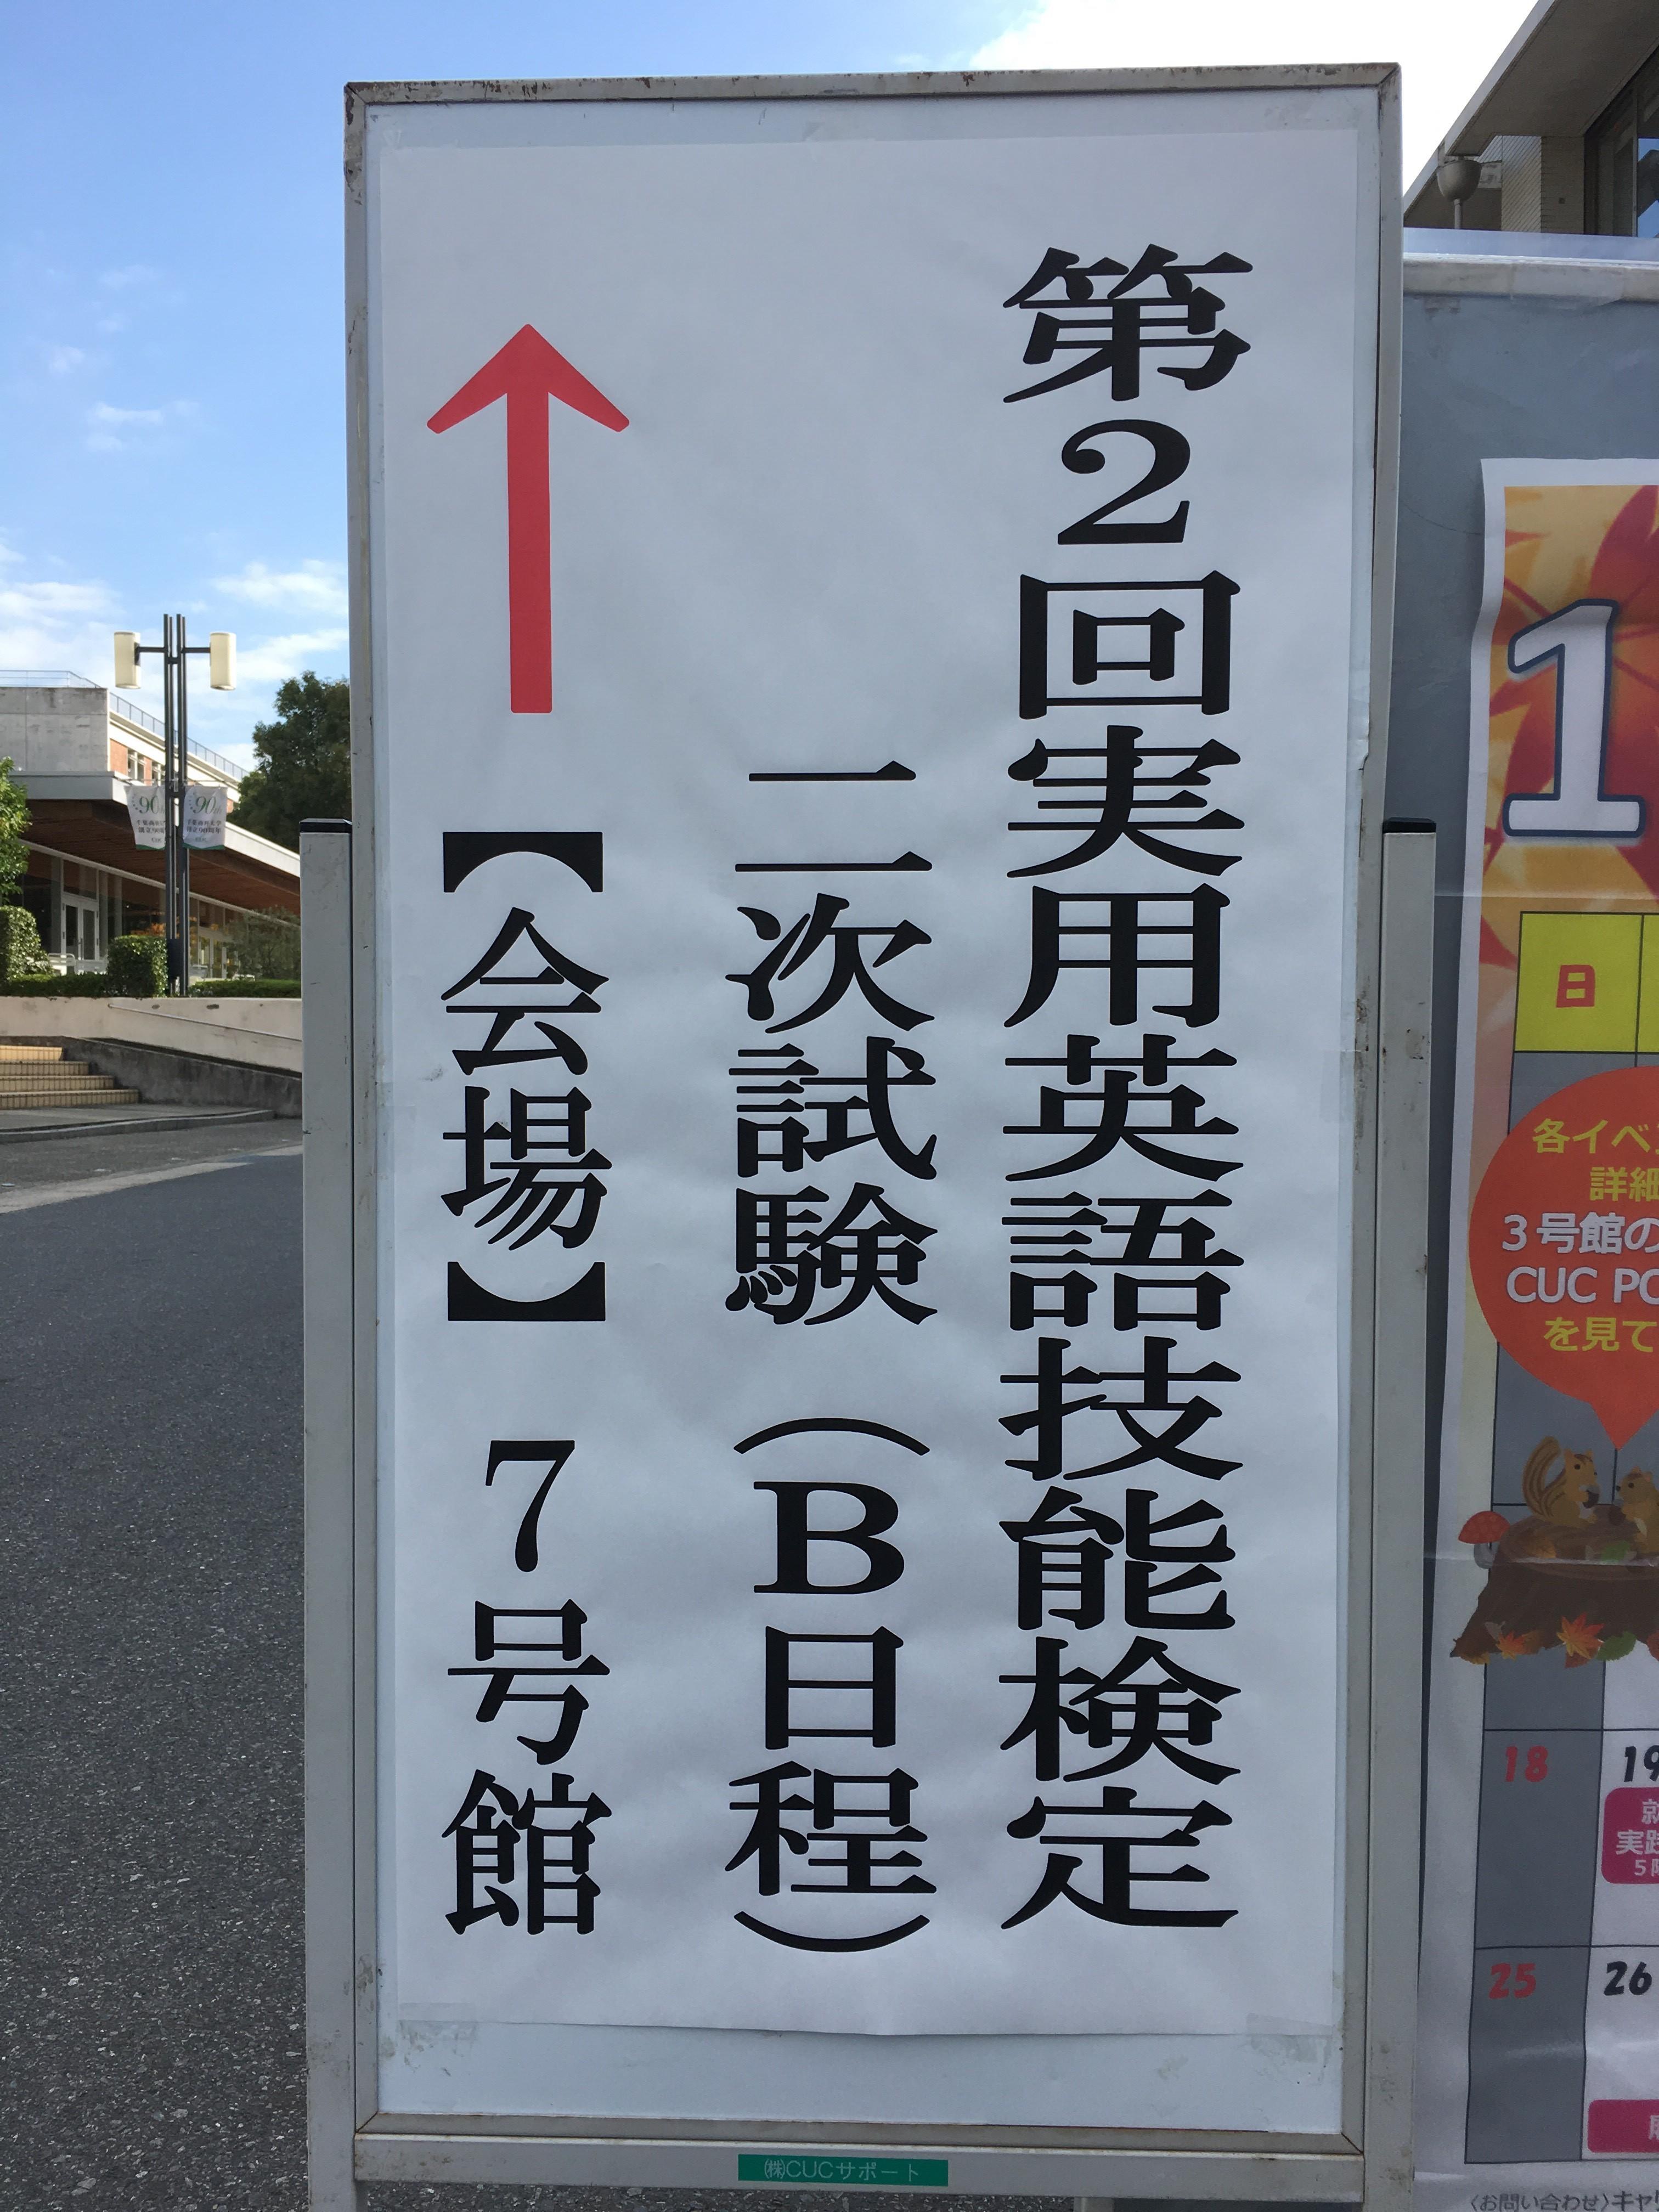 次 二 日程 検 英 試験